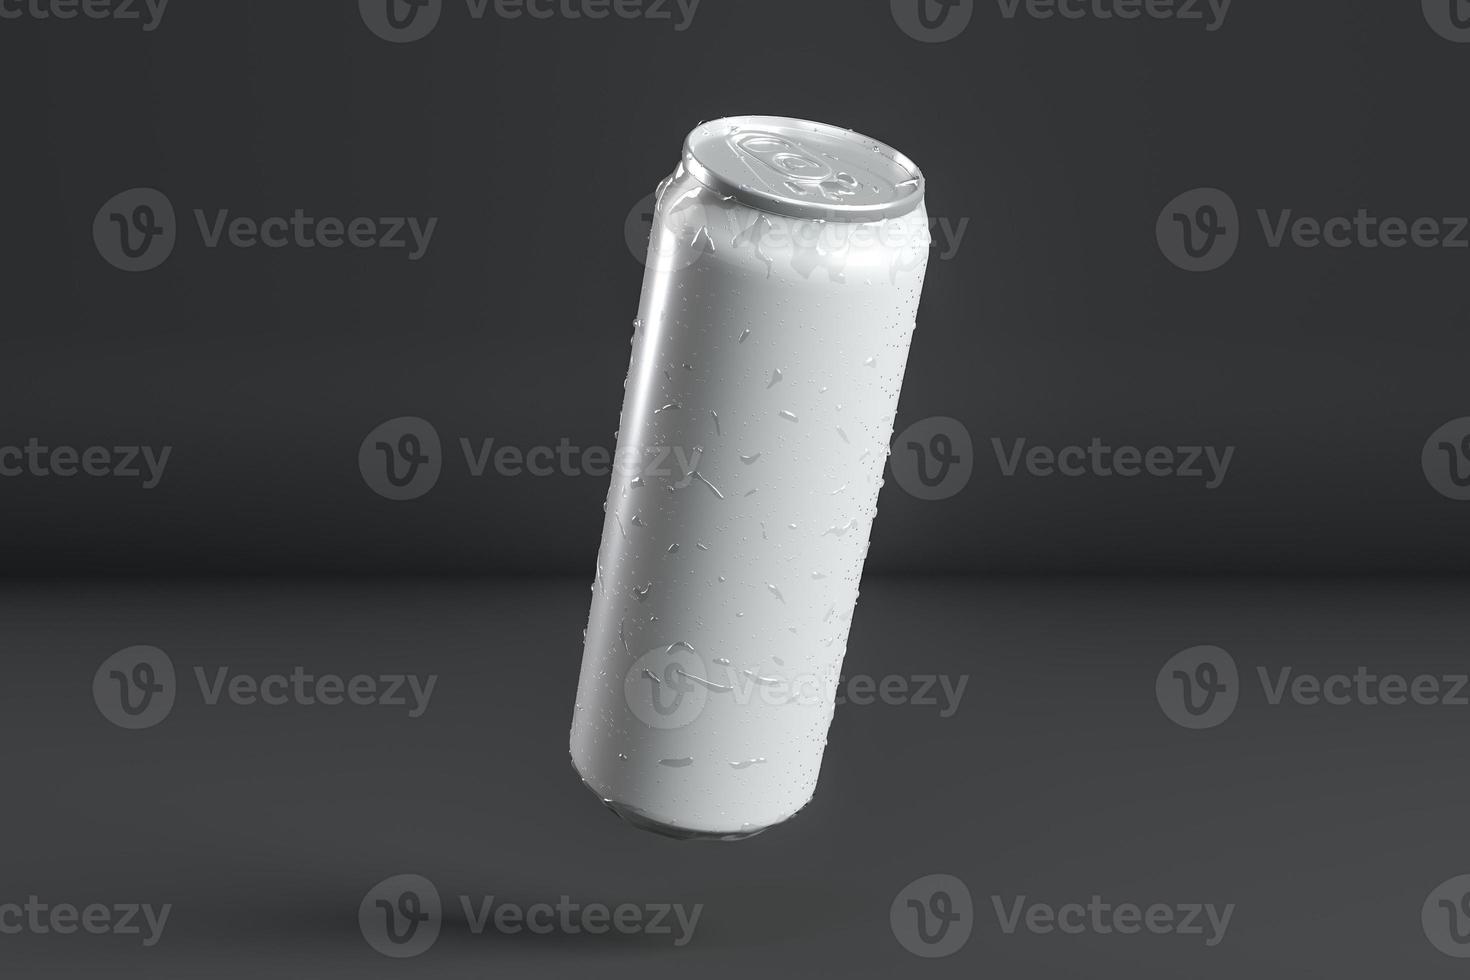 Presentación en lata de aluminio. resolución y hermosa foto de alta calidad